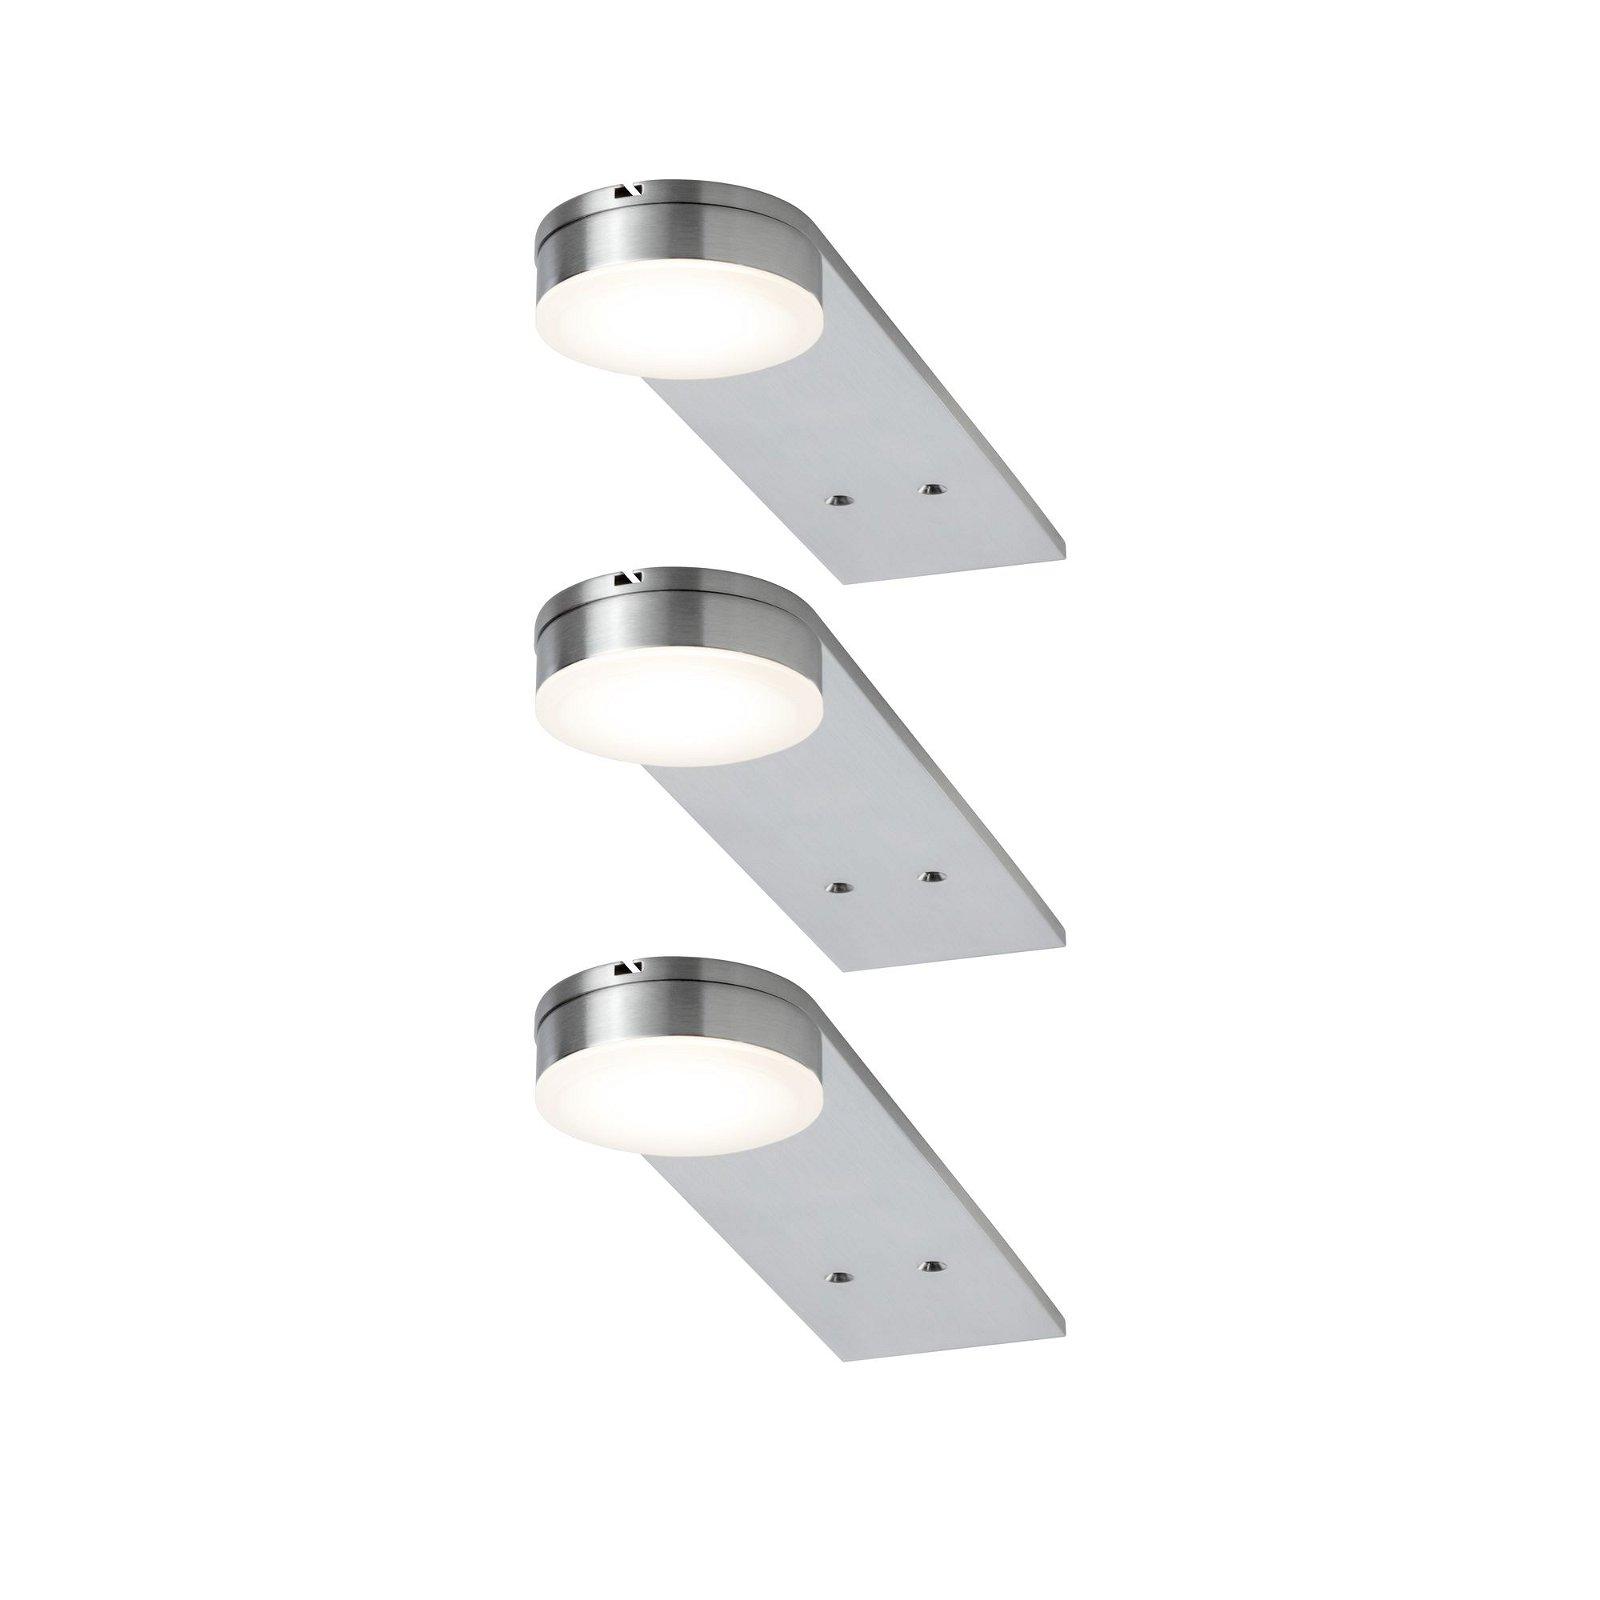 LED Unterschrankleuchte Setup 3x3,2W 50x200mm 3x250lm 230V rund Eisen gebürstet